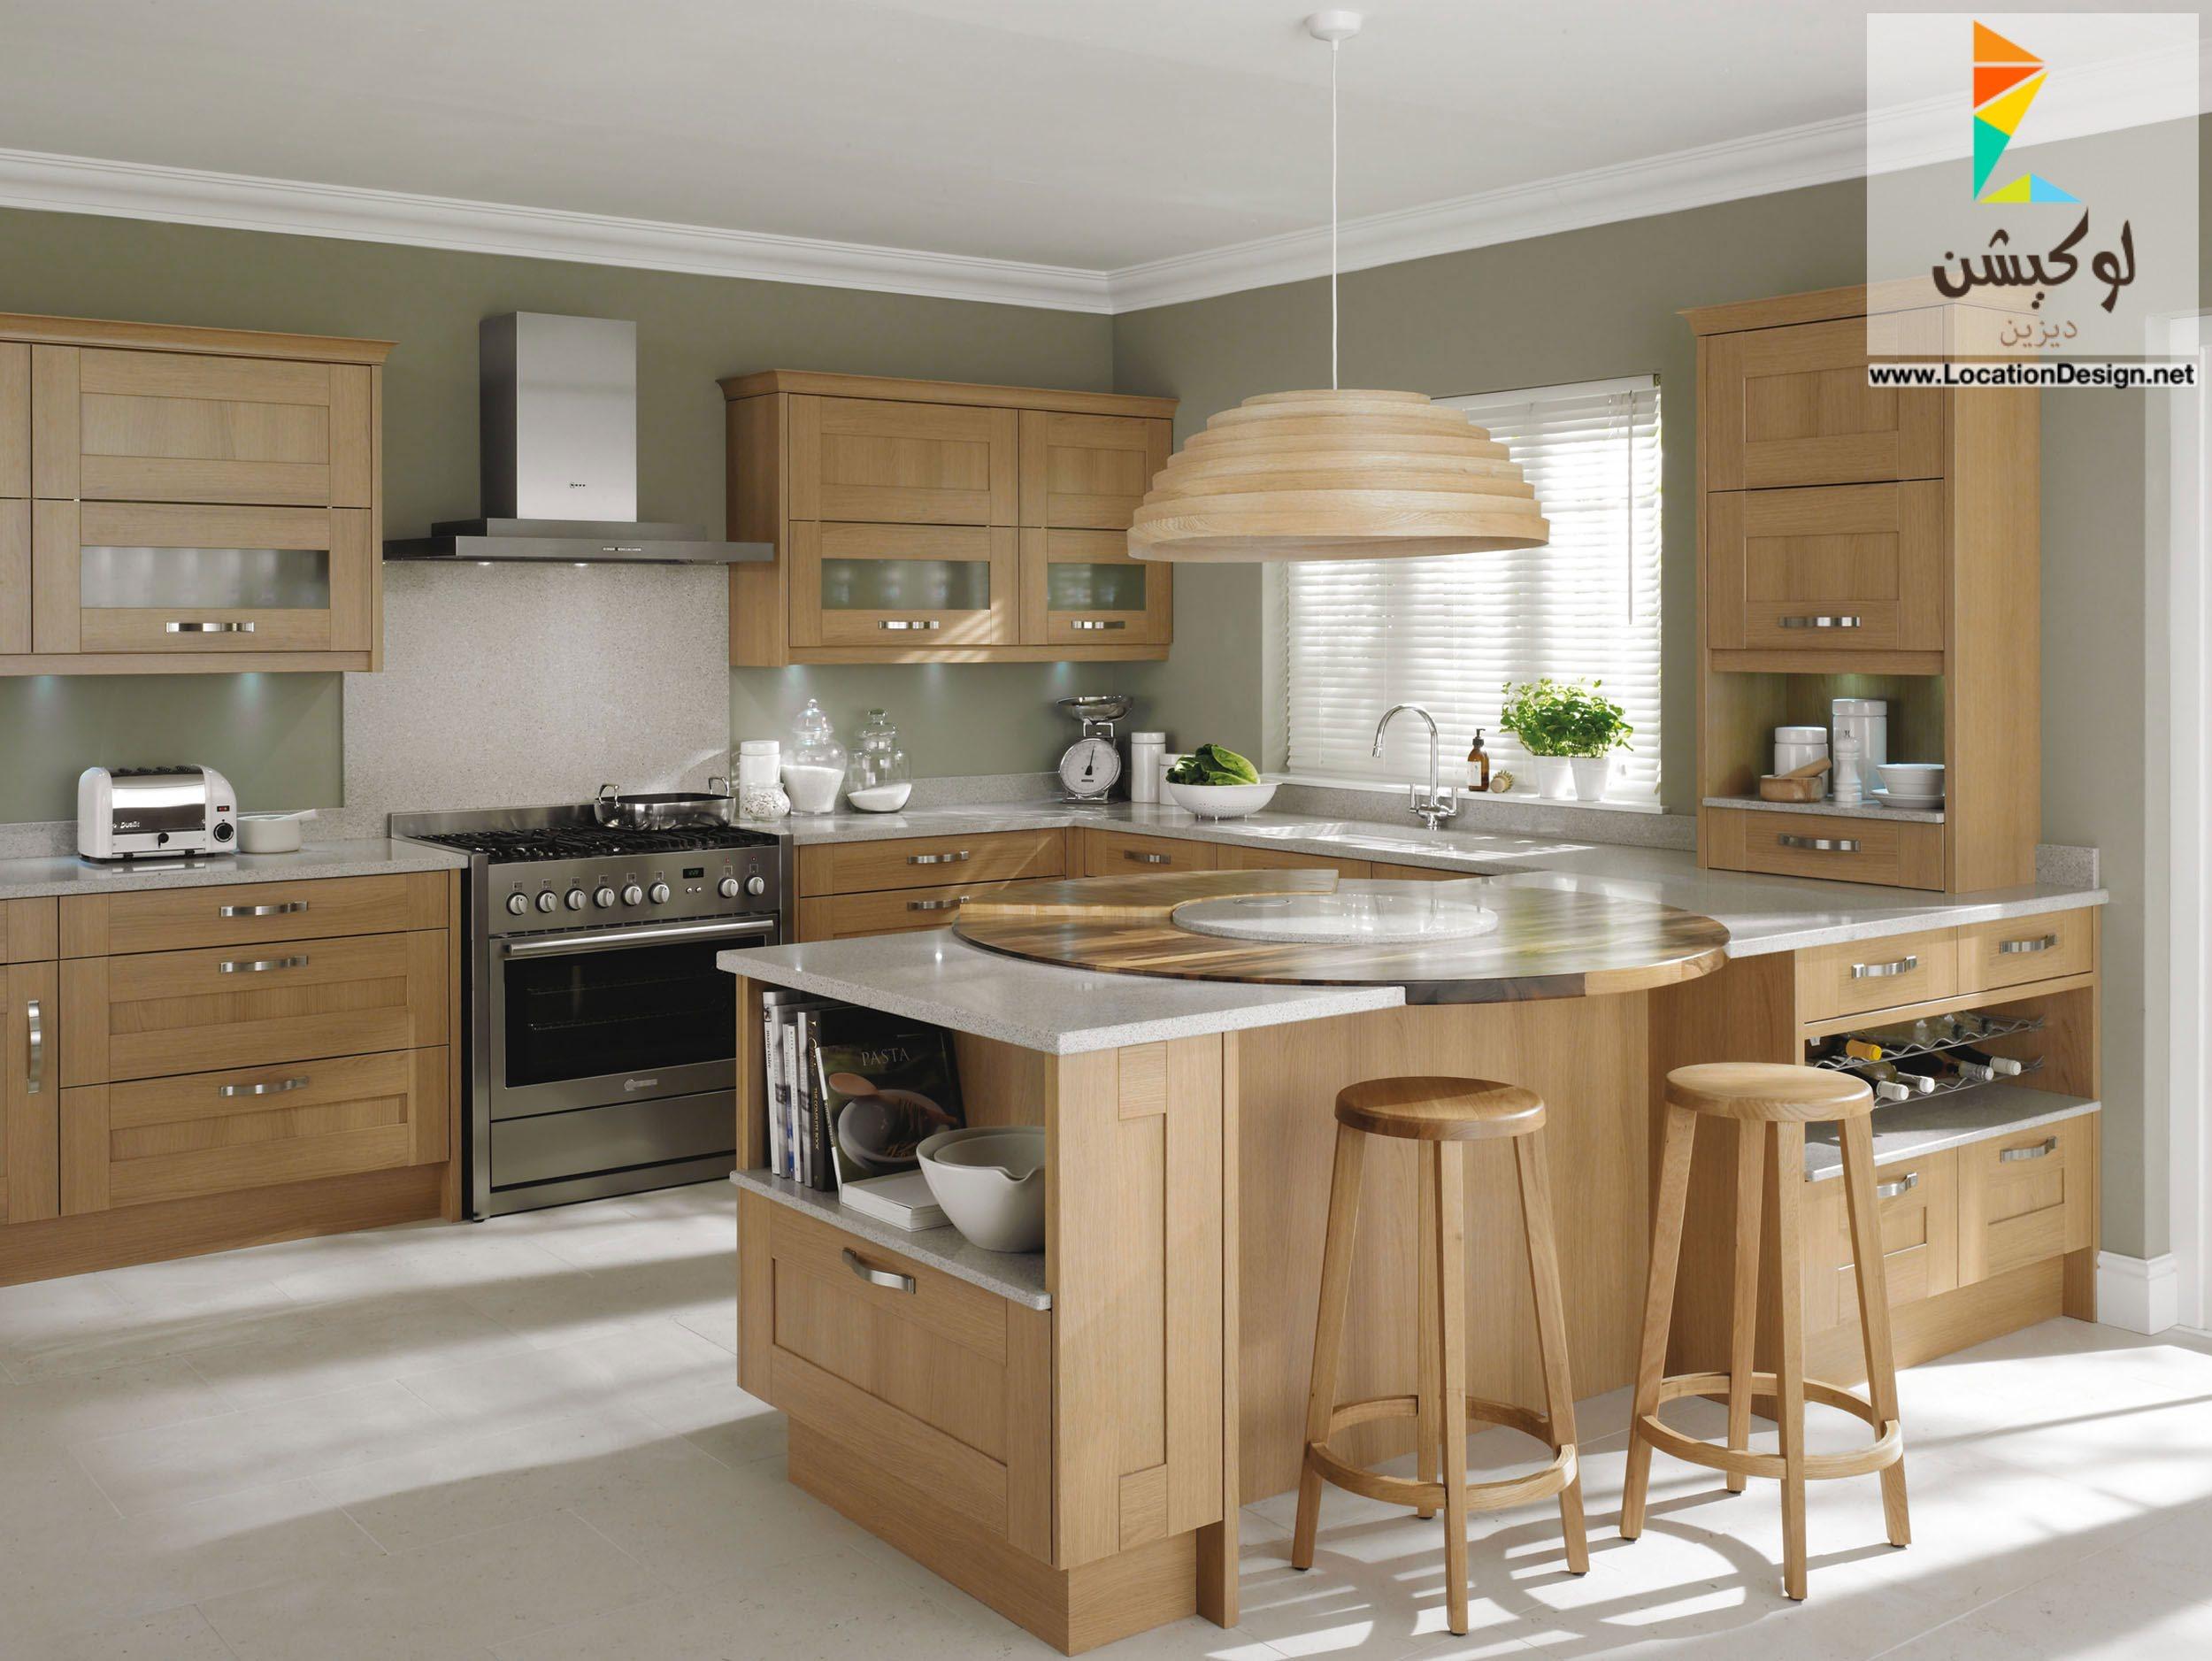 بالصور الوان مطابخ خشب , احدث تصميمات والوان المطبخ العصرى 609 2